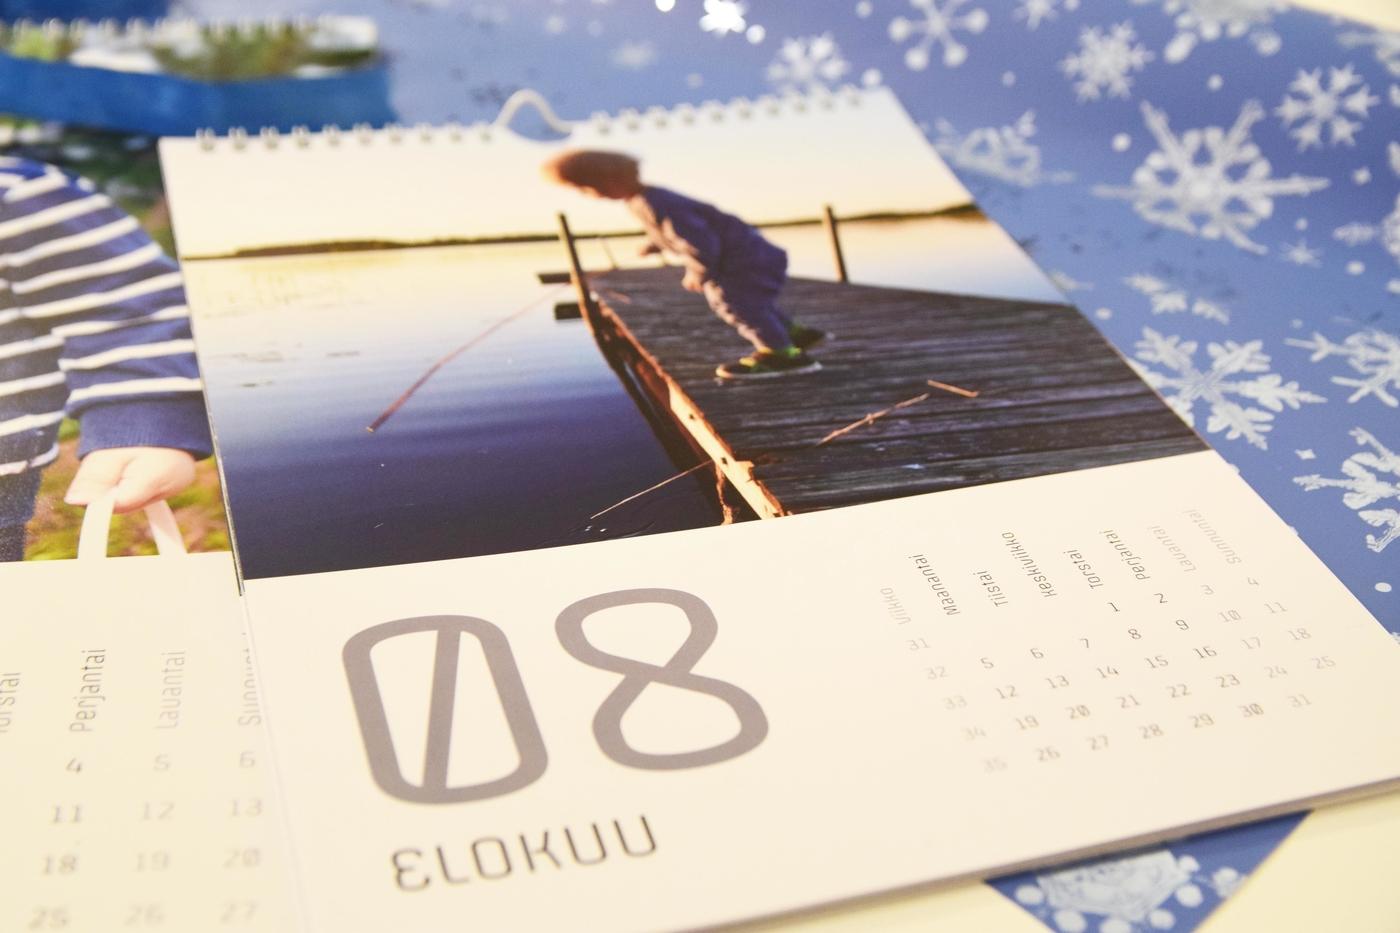 ifolor kalenteri4.jpg